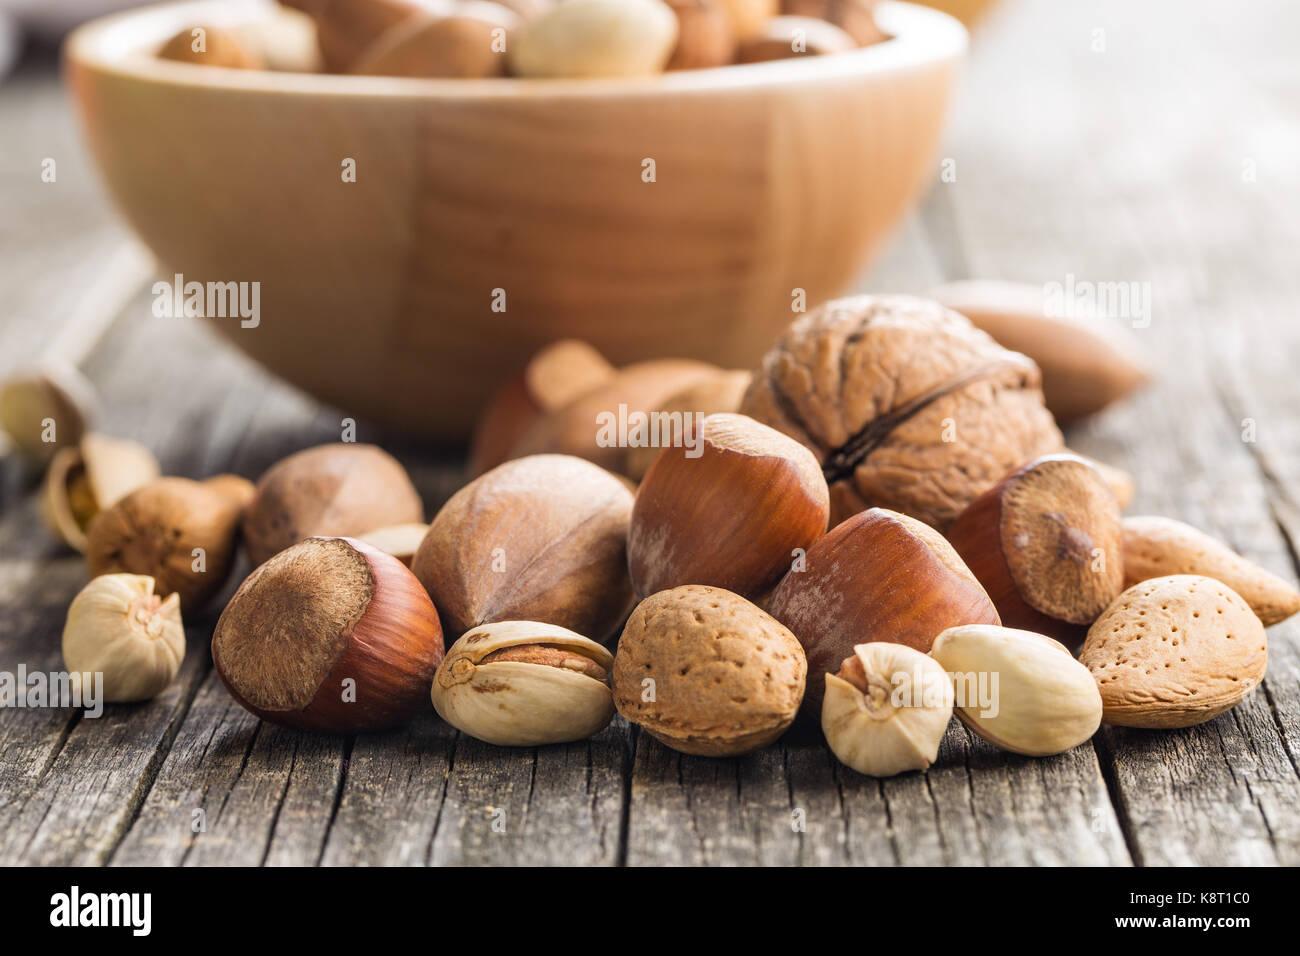 Los diferentes tipos de frutos secos en la cáscara de nuez. Las avellanas, nueces, almendras, nueces de nogal Imagen De Stock